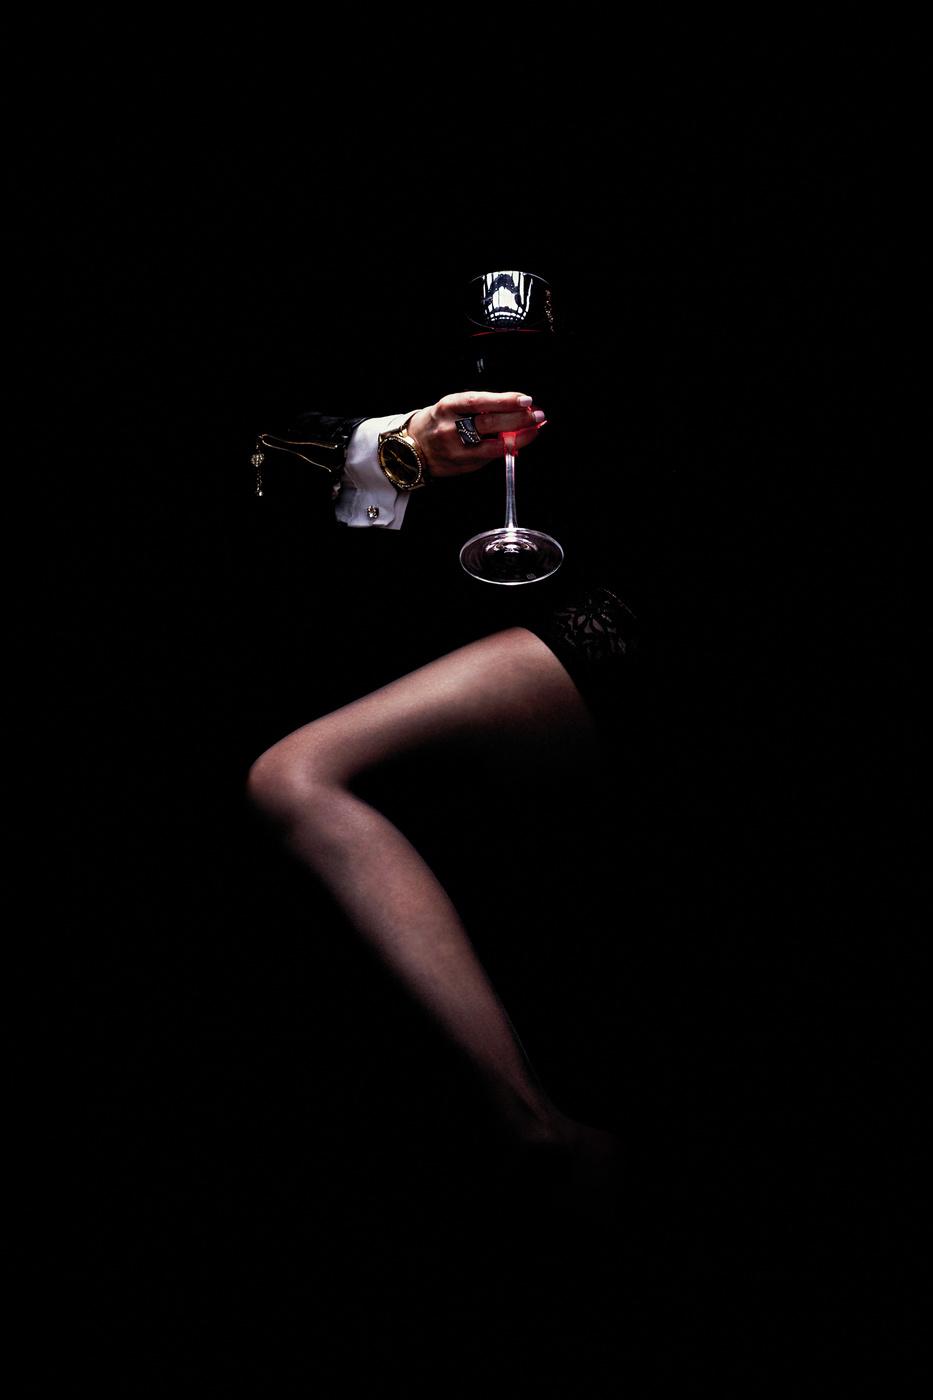 Девушка с бокалом вина / модель Ирина Дёгтева